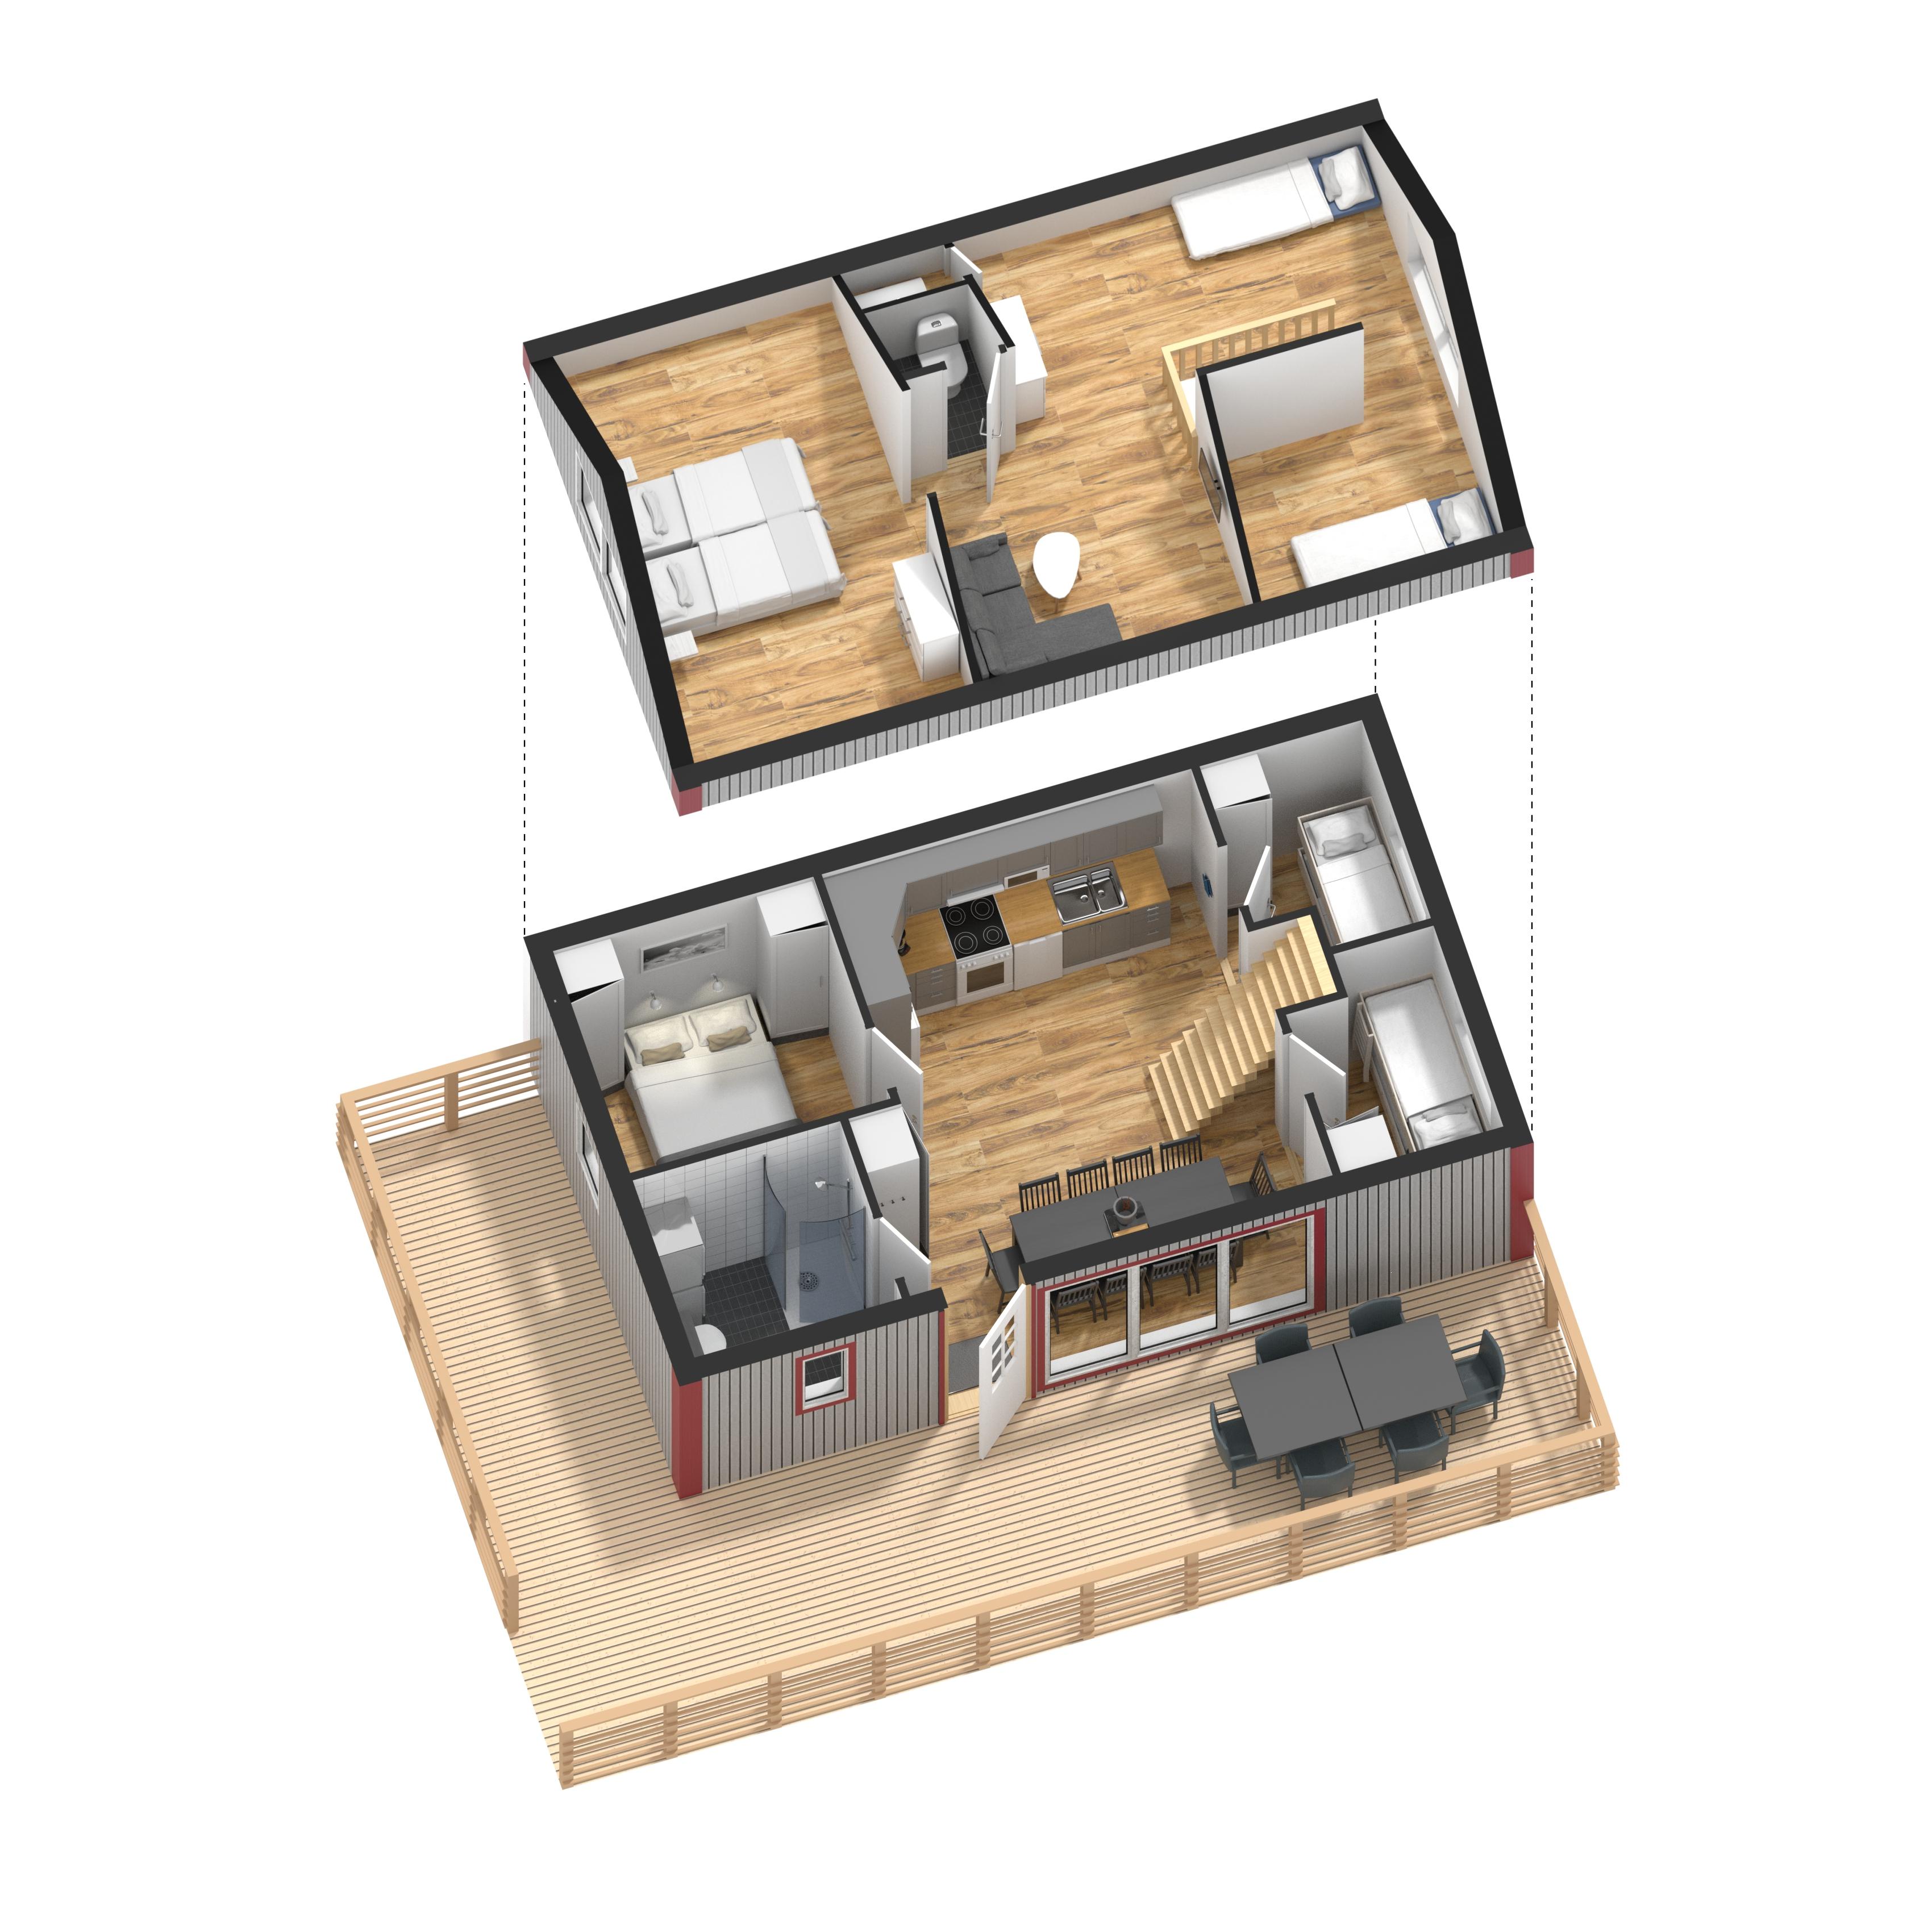 3D_Planritning_Löttorp_75kvm